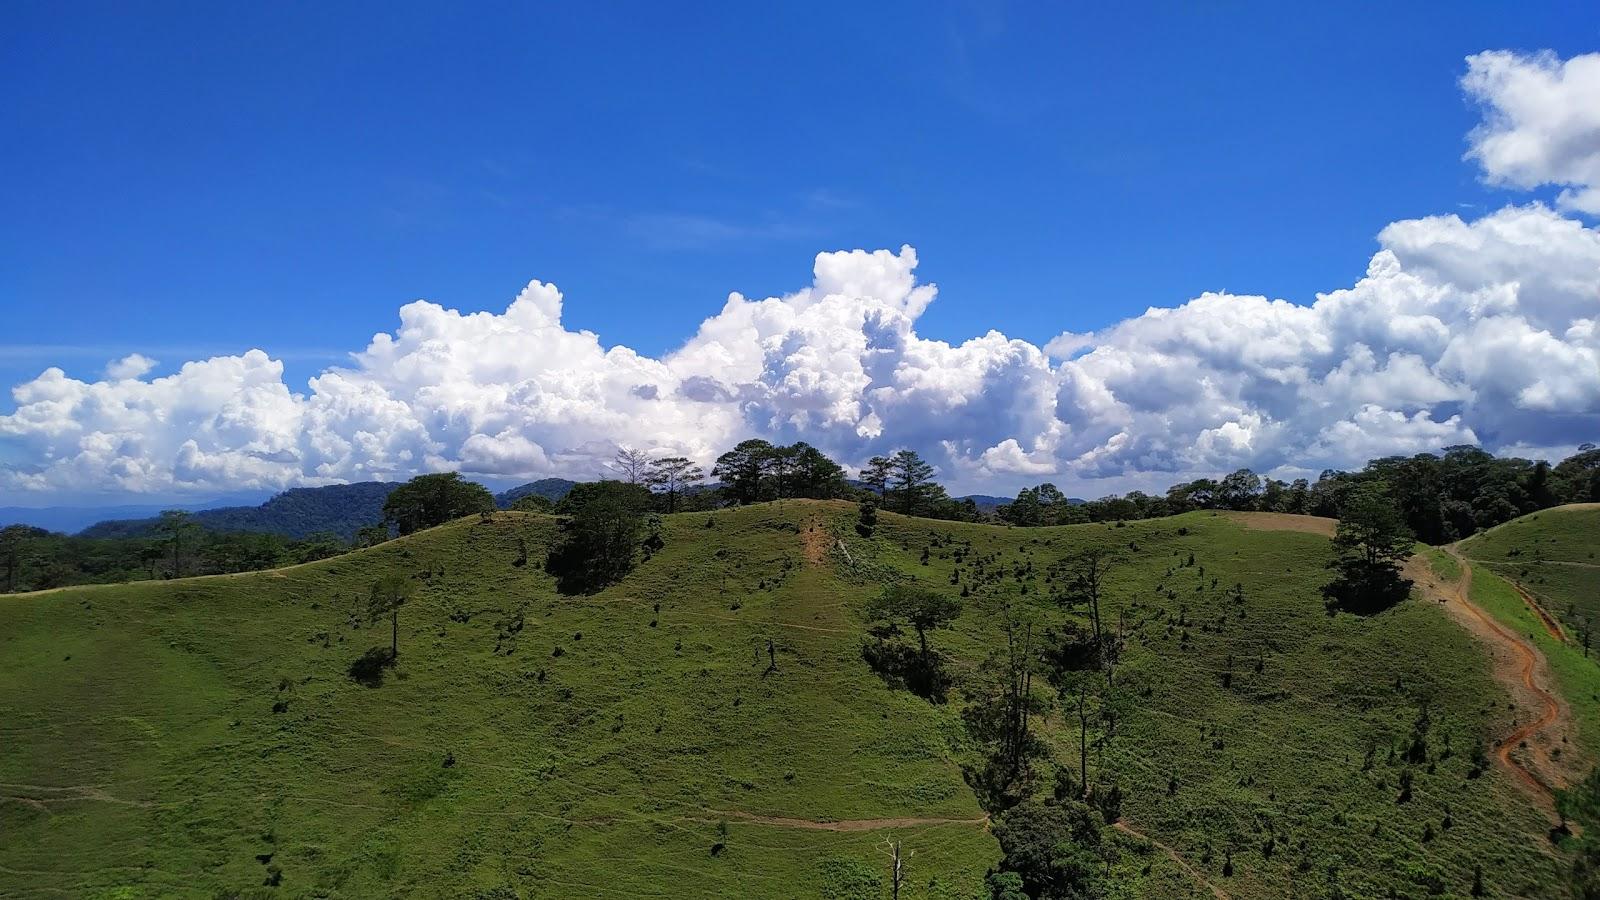 Nên đi trekking Tà Năng mùa nào? Câu trả lời là mùa cỏ xanh